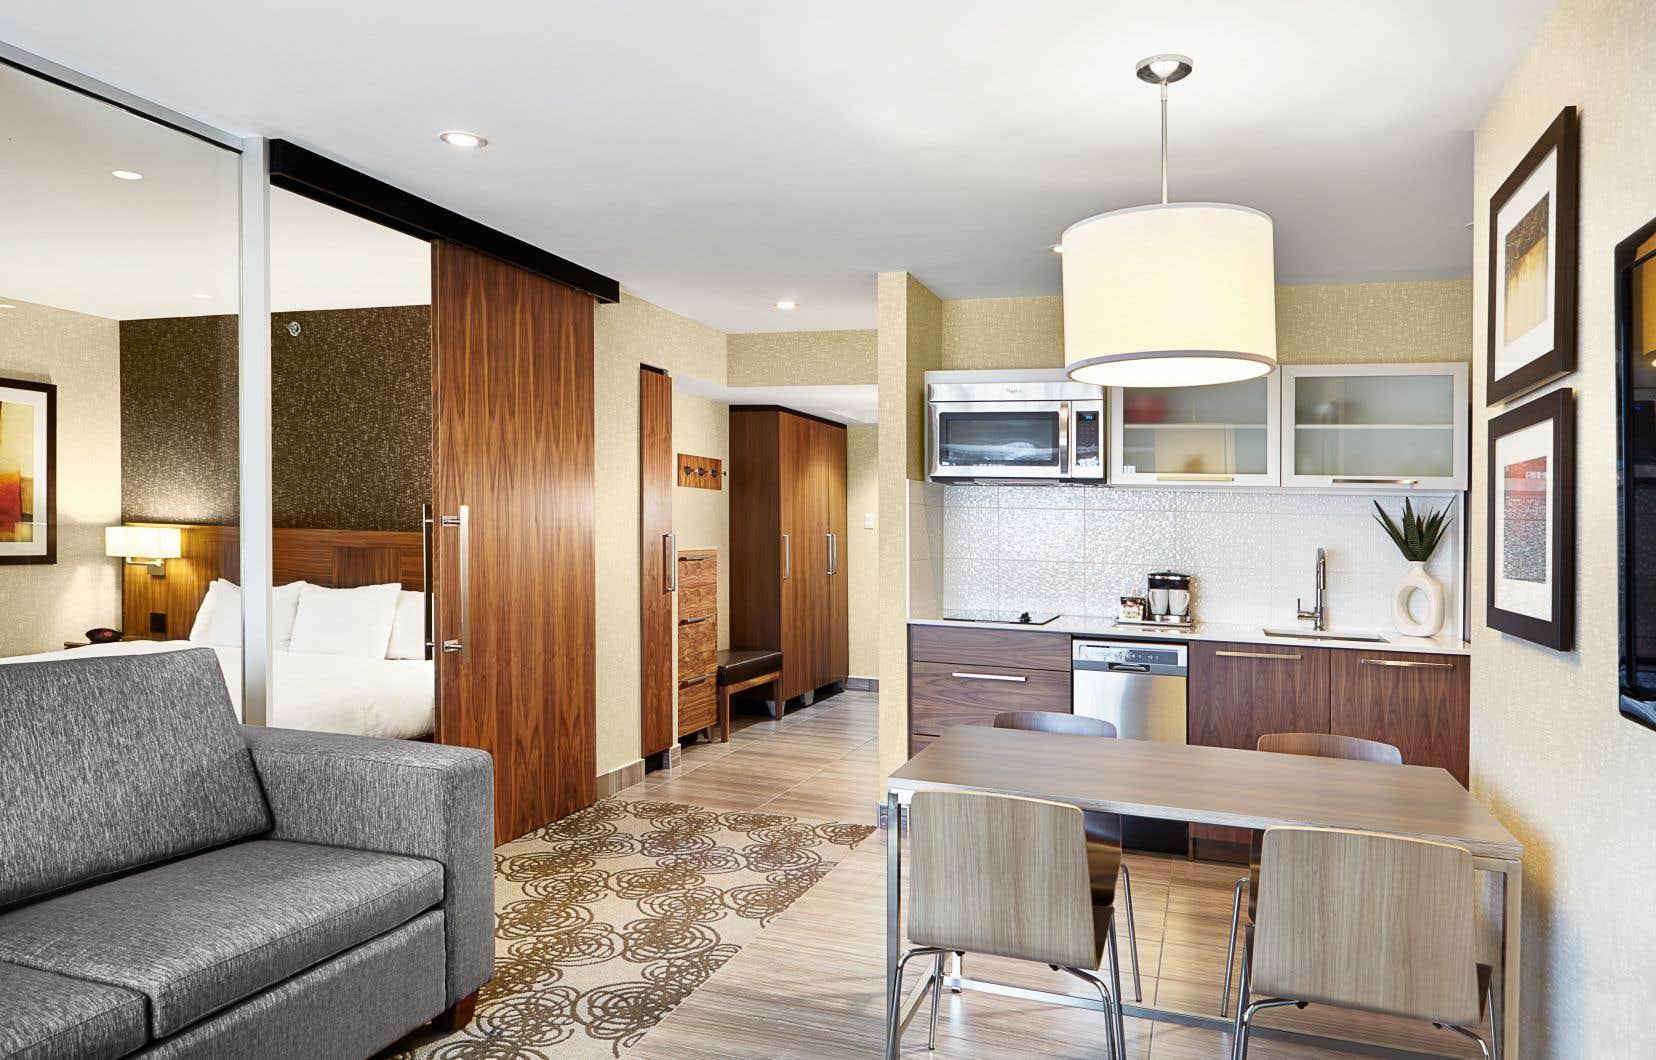 Le Hilton est un concept suite-hôtel poussé à son maximum avec terrasse et barbecue pour chaque appartement. Les cuisinettes sont complètes et l'on peut vraiment y cuisiner.